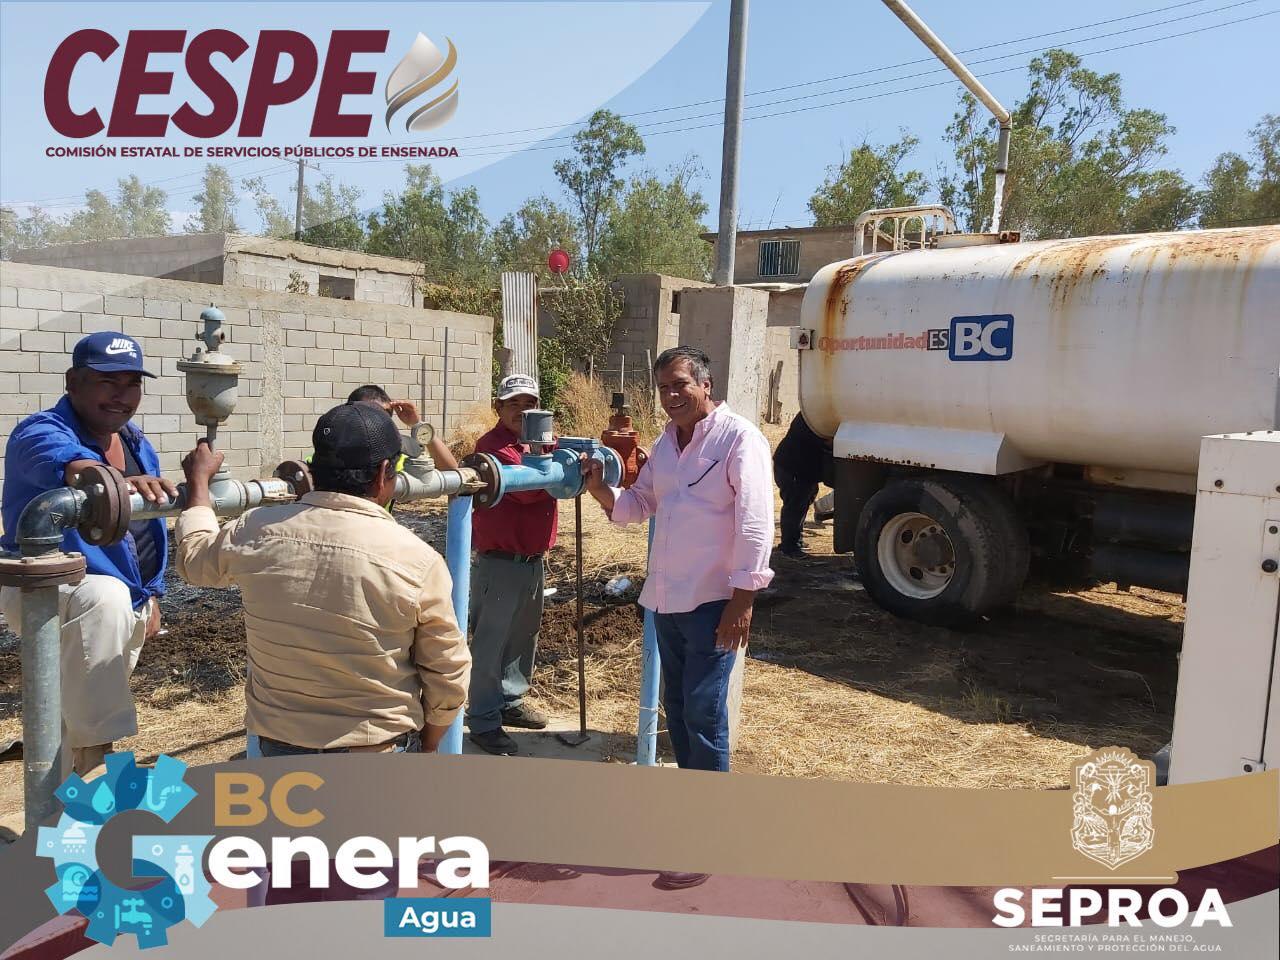 Atiende la #CESPE servicio de agua con pipas en la zona de #OjosNegros.